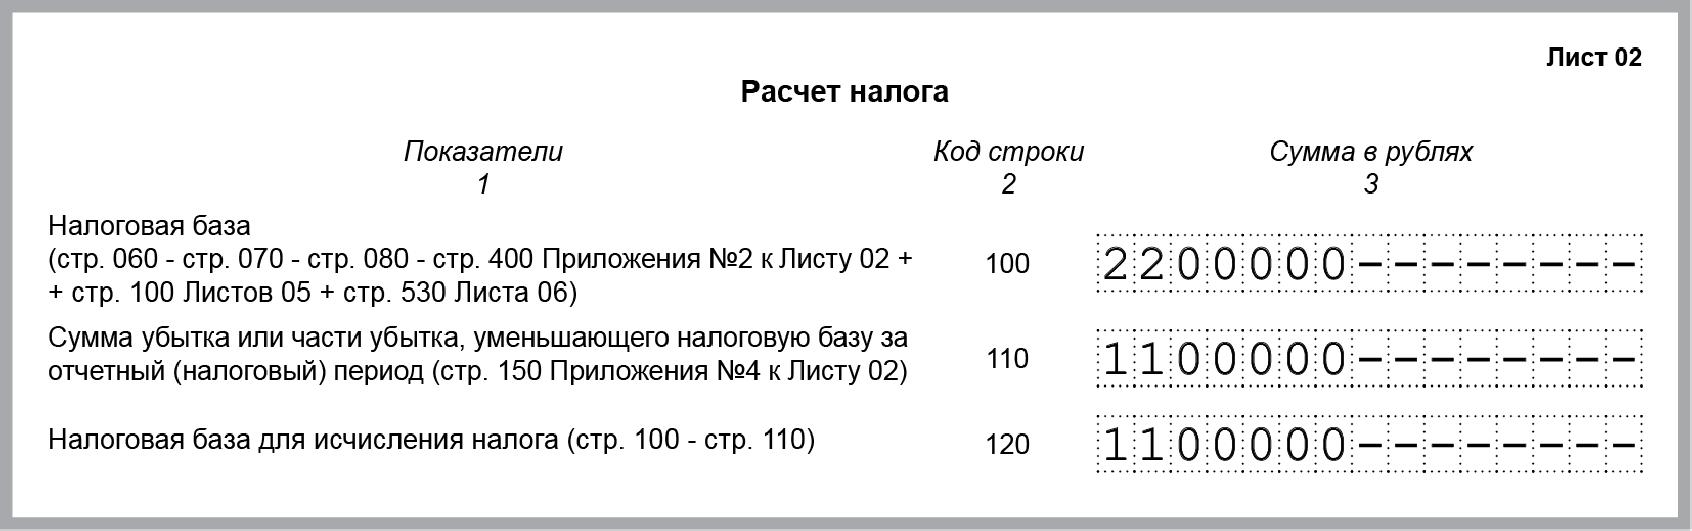 инструкция по заполнению декларации по налогу на прибыль додаток